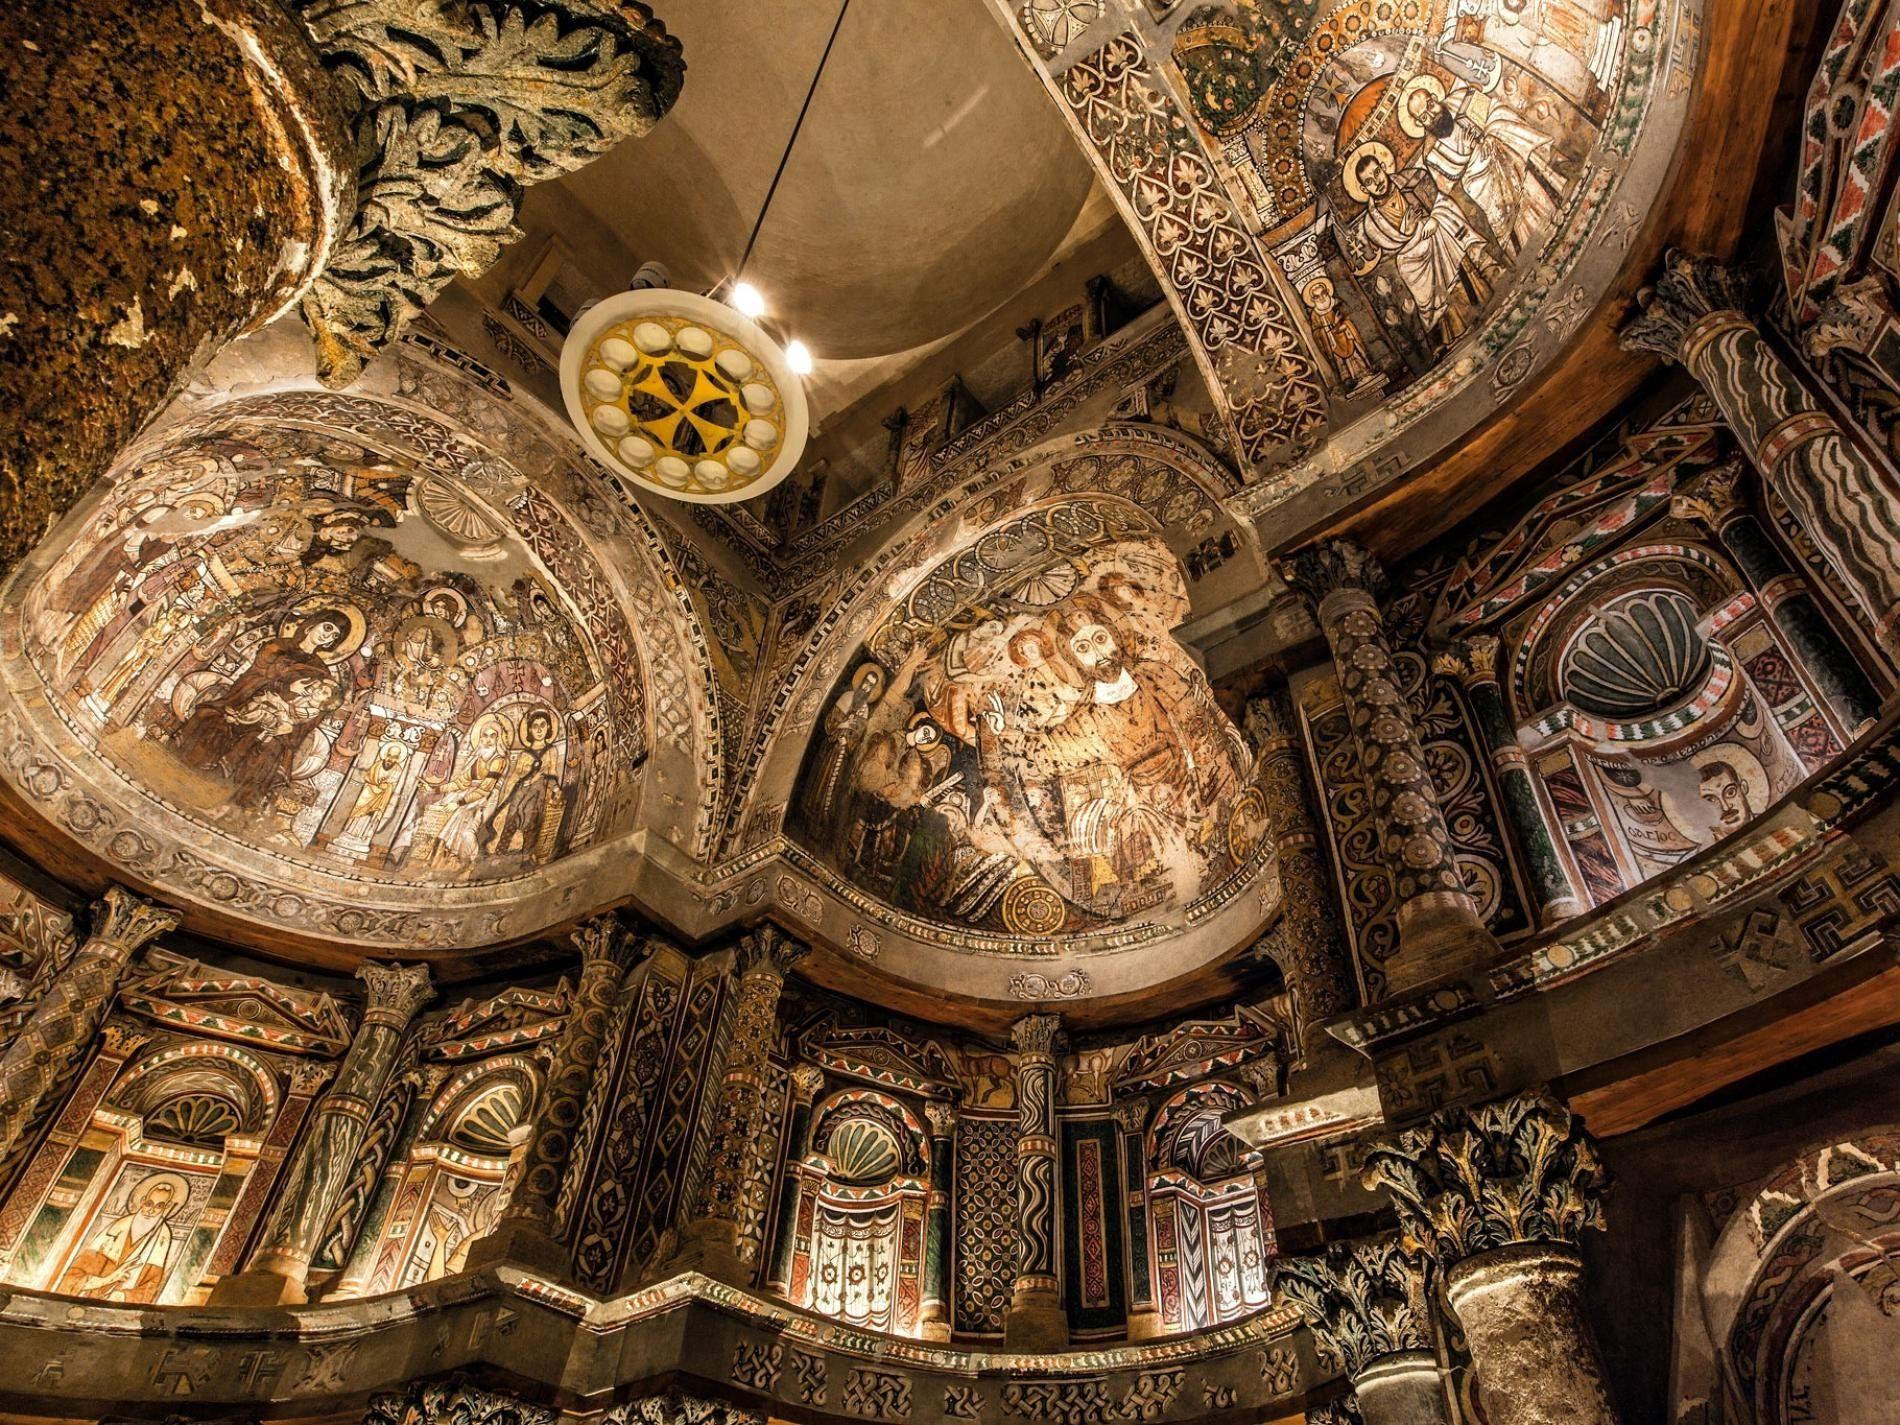 Les fresques représentant Jésus, la Vierge Marie, des apôtres, des évangélistes, des prophètes et des anges ornent les murs de l'église du monastère rouge, construite à la fin du Ve siècle de notre ère dans le cadre de l'épanouissement de la culture copte en Égypte.